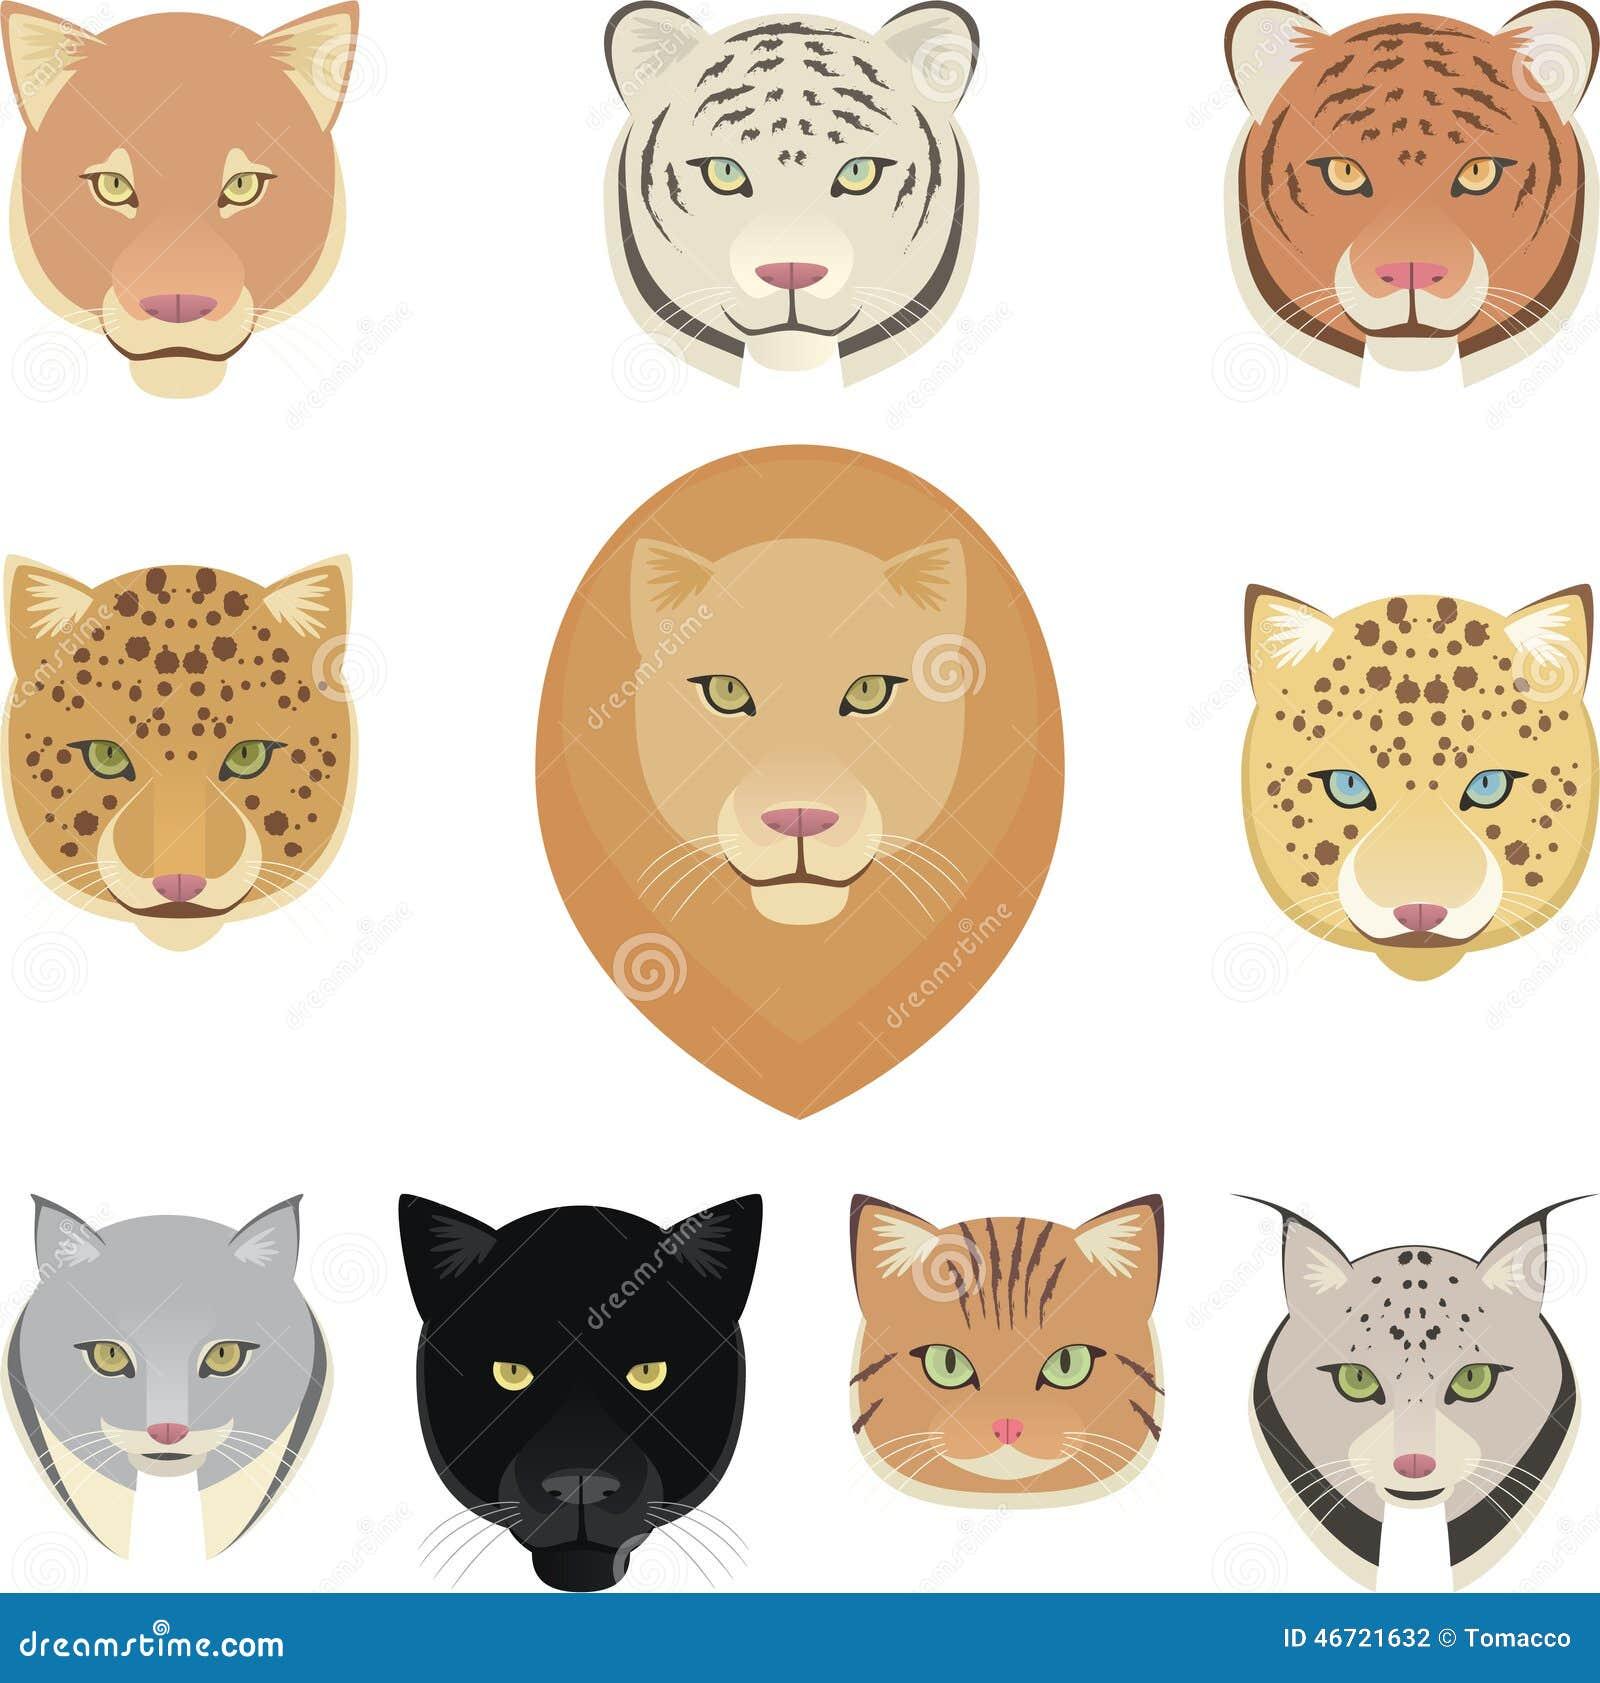 Felines Leopard Panther Lion Tiger Cougar Jaguar Heads